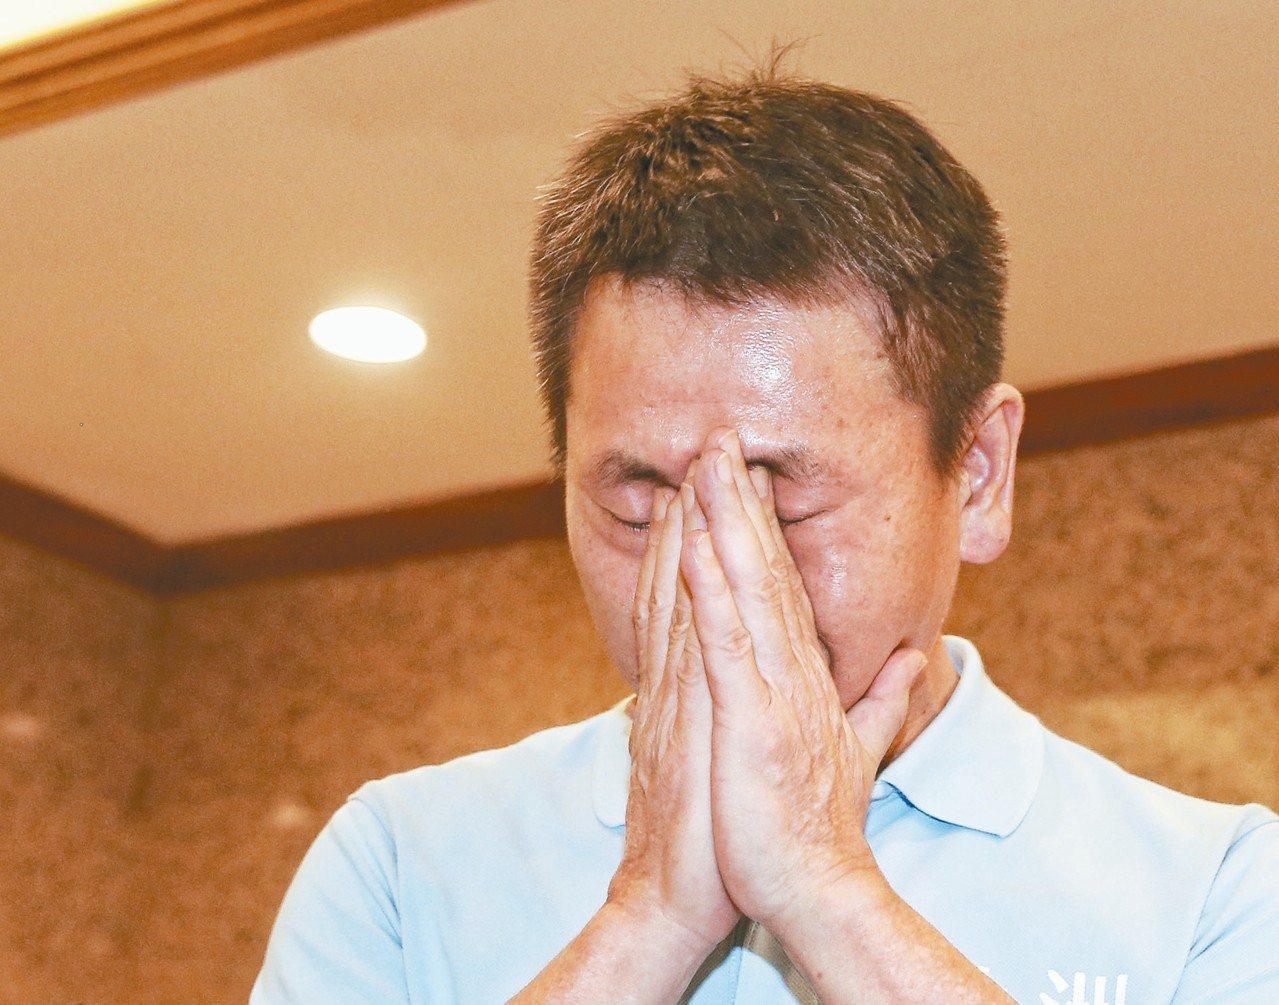 「委屈的代價求不了全」,國民黨立委林為洲今天表示,8月民調一公布,將脫黨參選新竹...